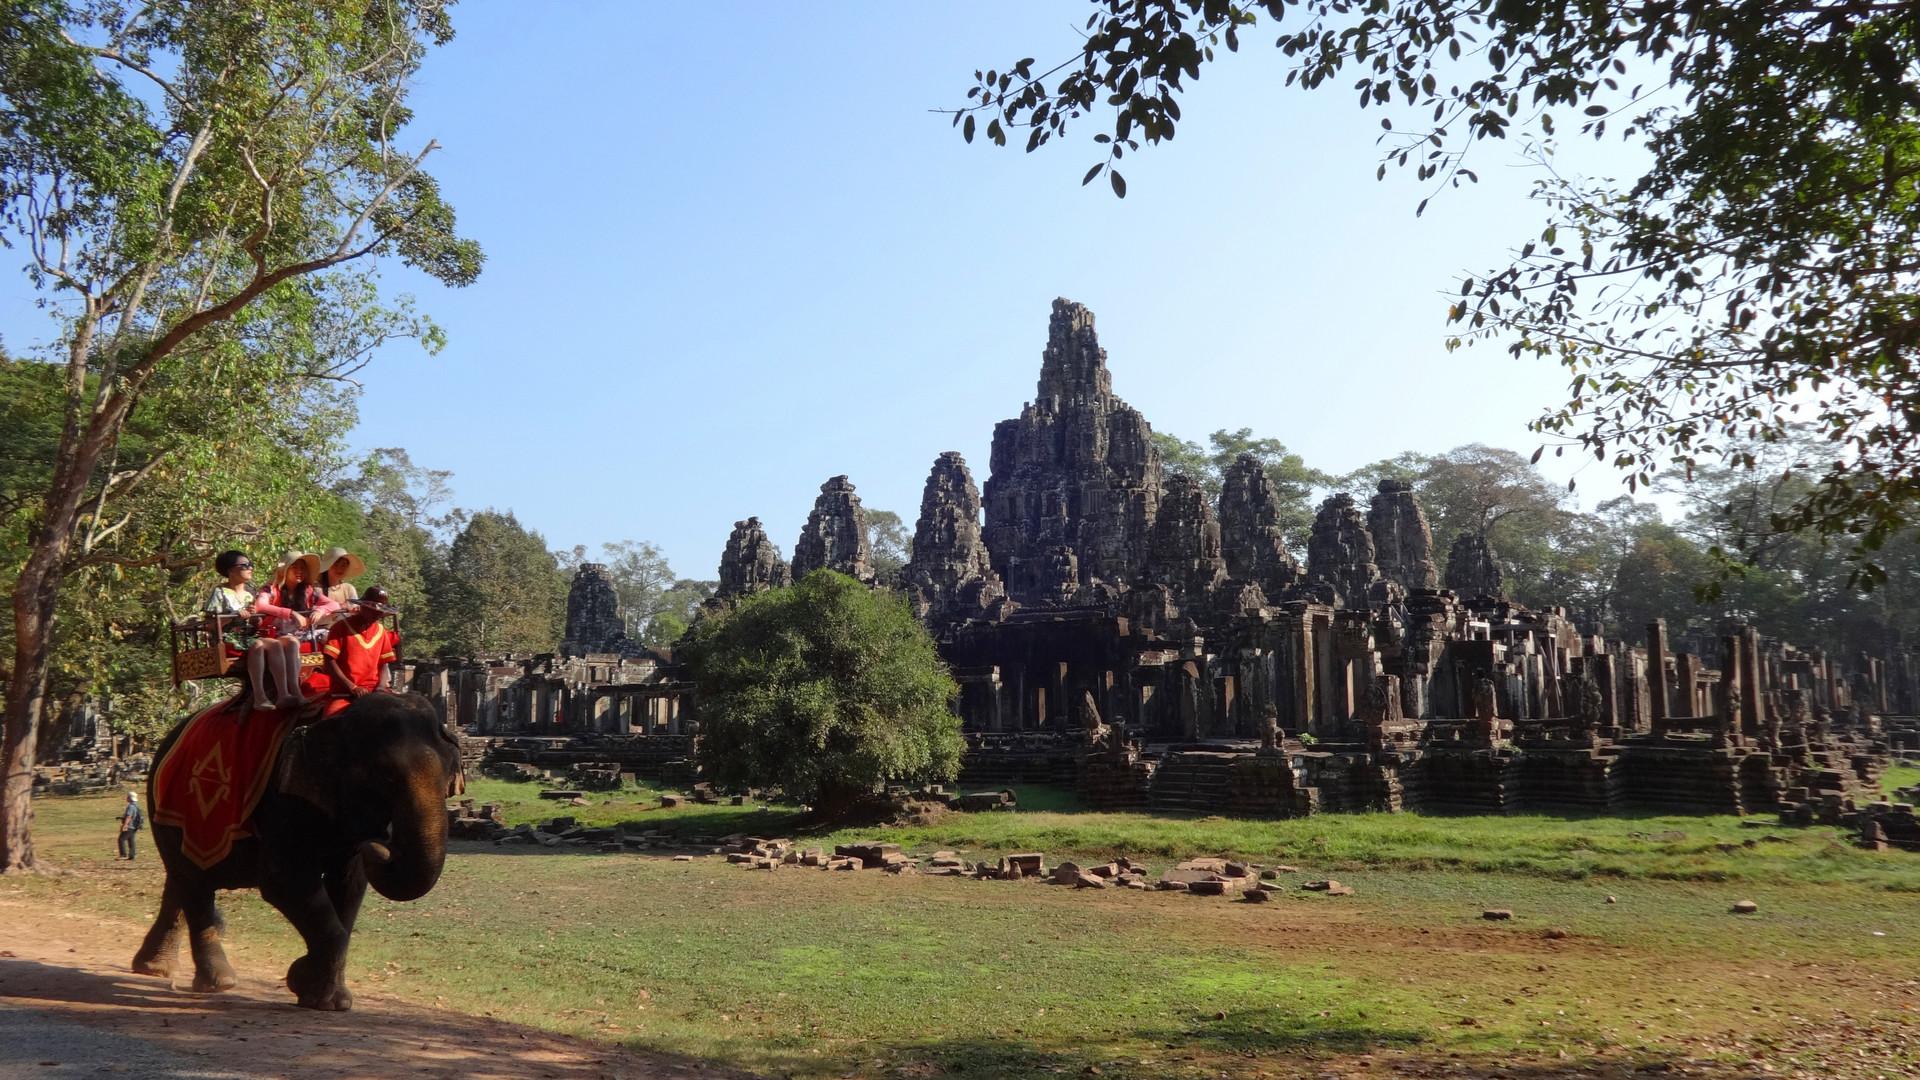 【品质团】<柬埔寨金边、吴哥窟六天游>深圳往返/CZ南方航空